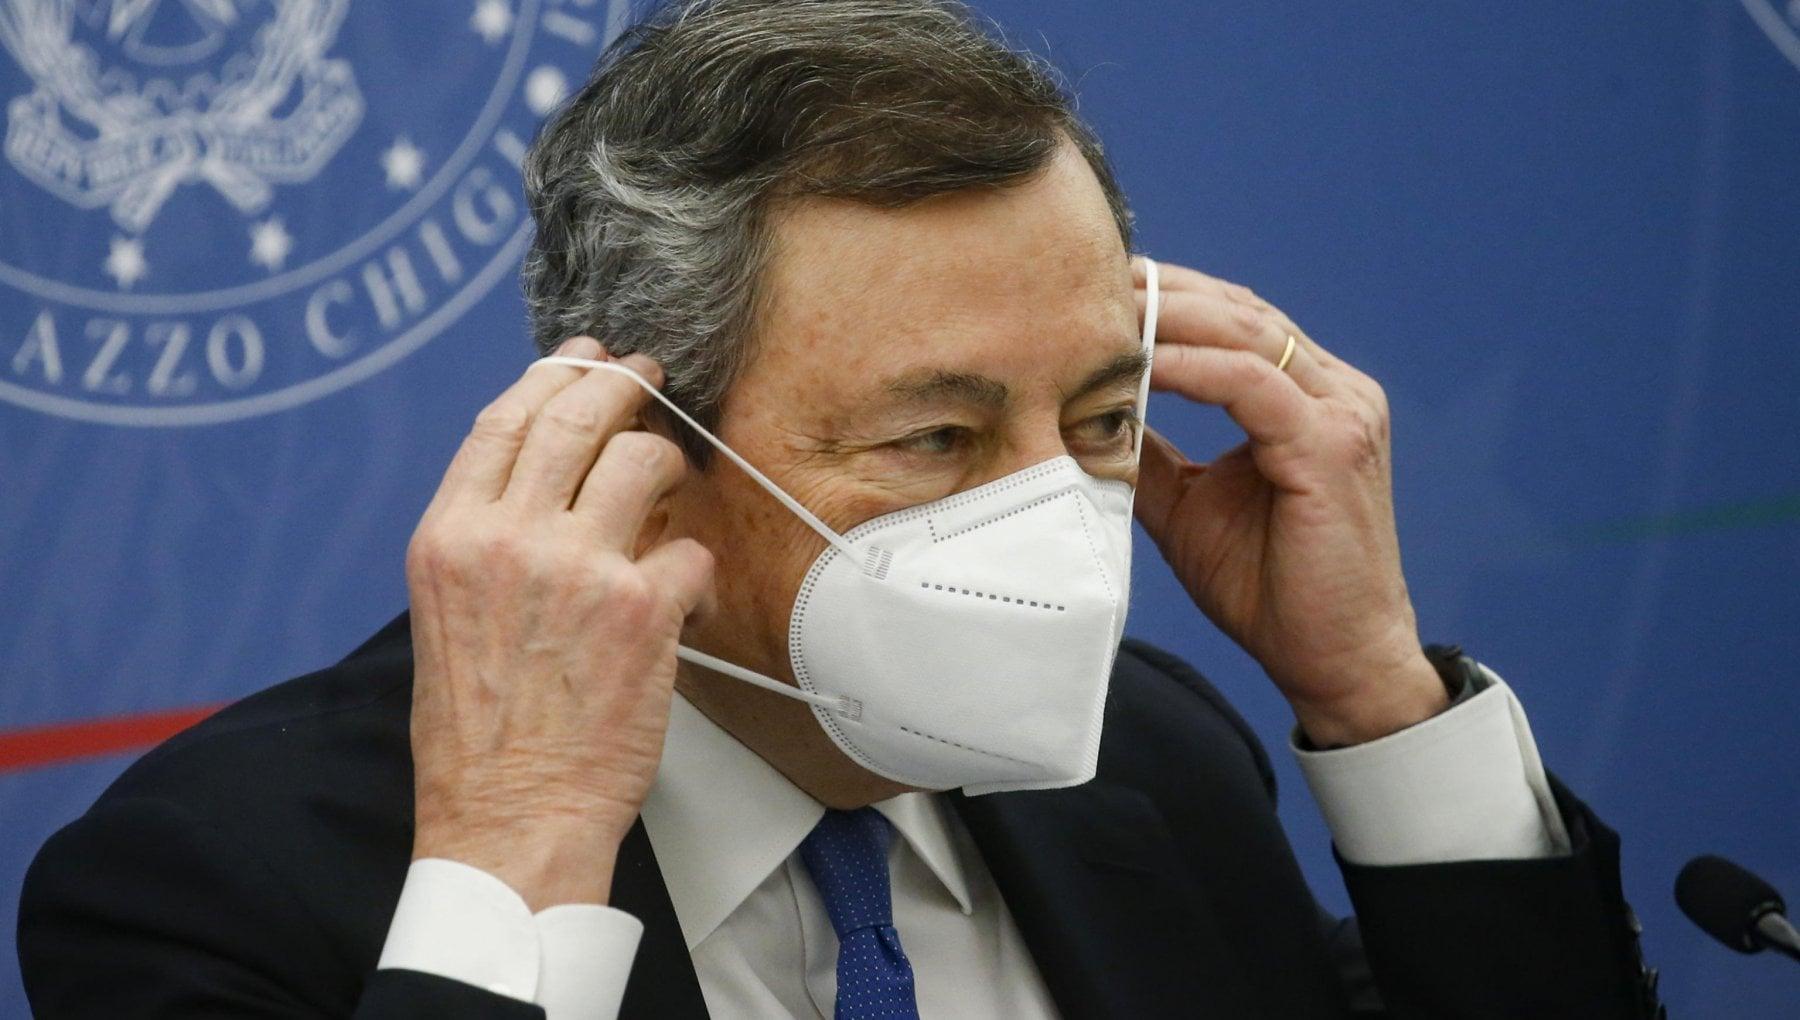 204823394 8bdbaa3c 665a 490c 9915 6380ca9c5ce6 - Clima, vaccini e sviluppo: gli impegni di Draghi al G7 per spingere sulla ripresa